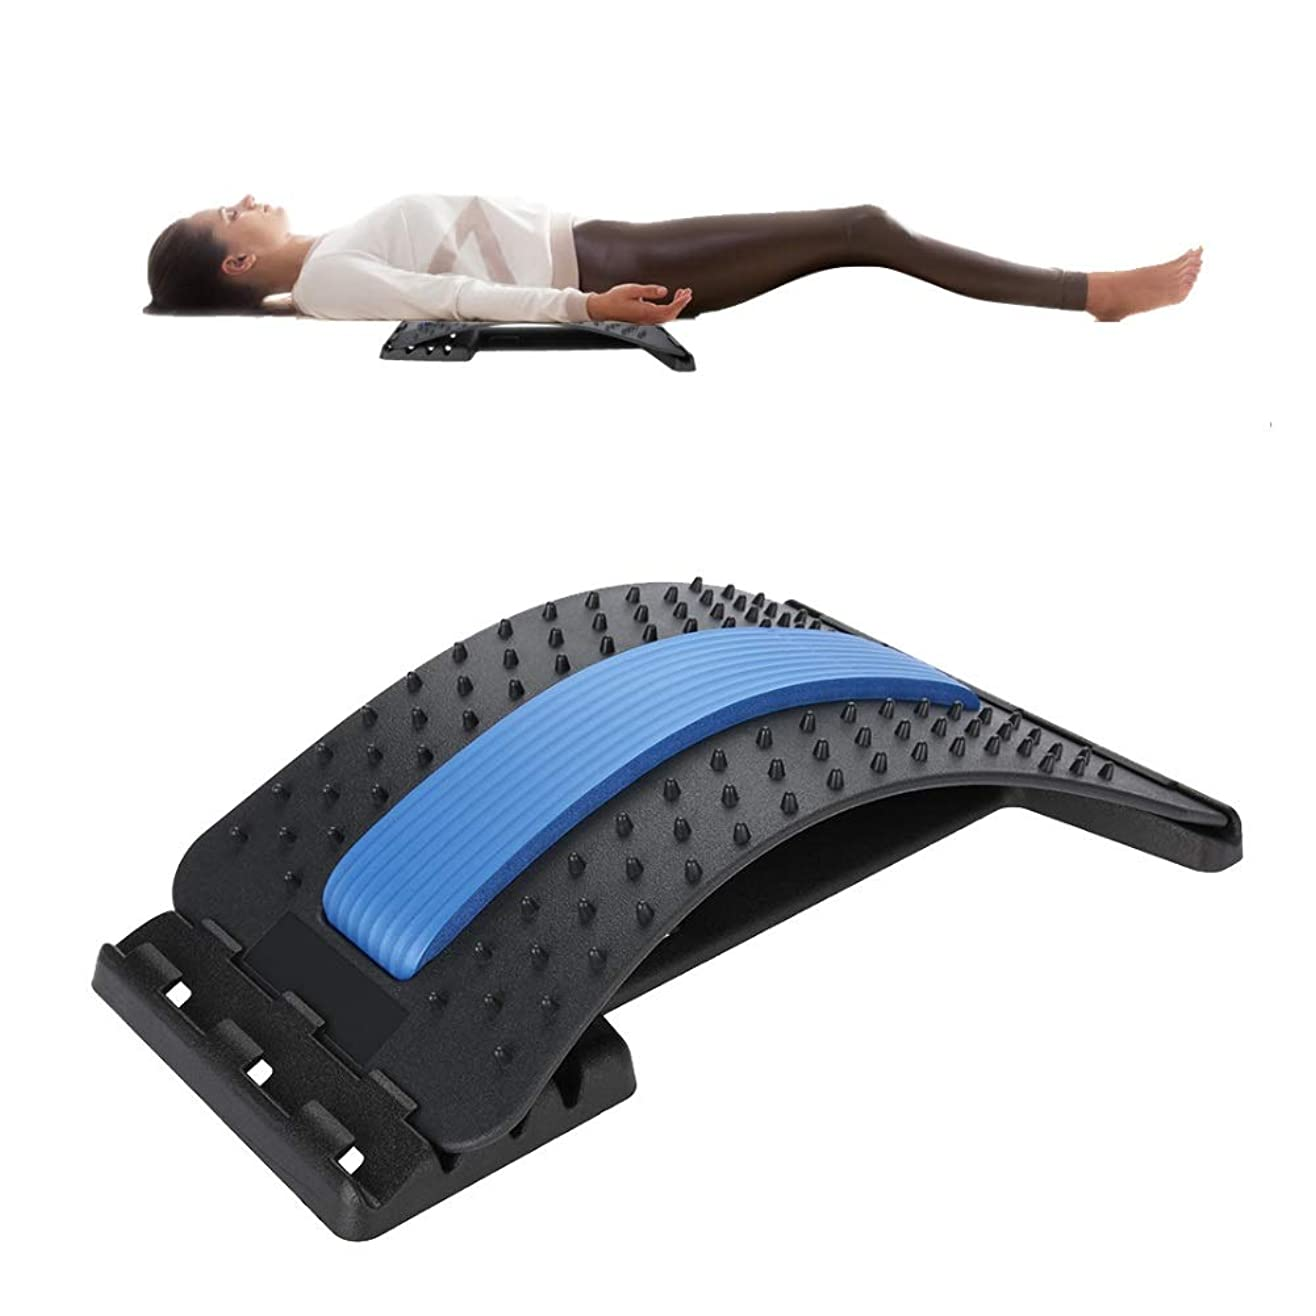 細菌アパートカルシウム背中マッサージャー 腰部サポート、腰部の背もたれ ストレッチャー装置 ストレッチリラックス脊柱 減圧枕 痛み緩和 姿勢矯正器